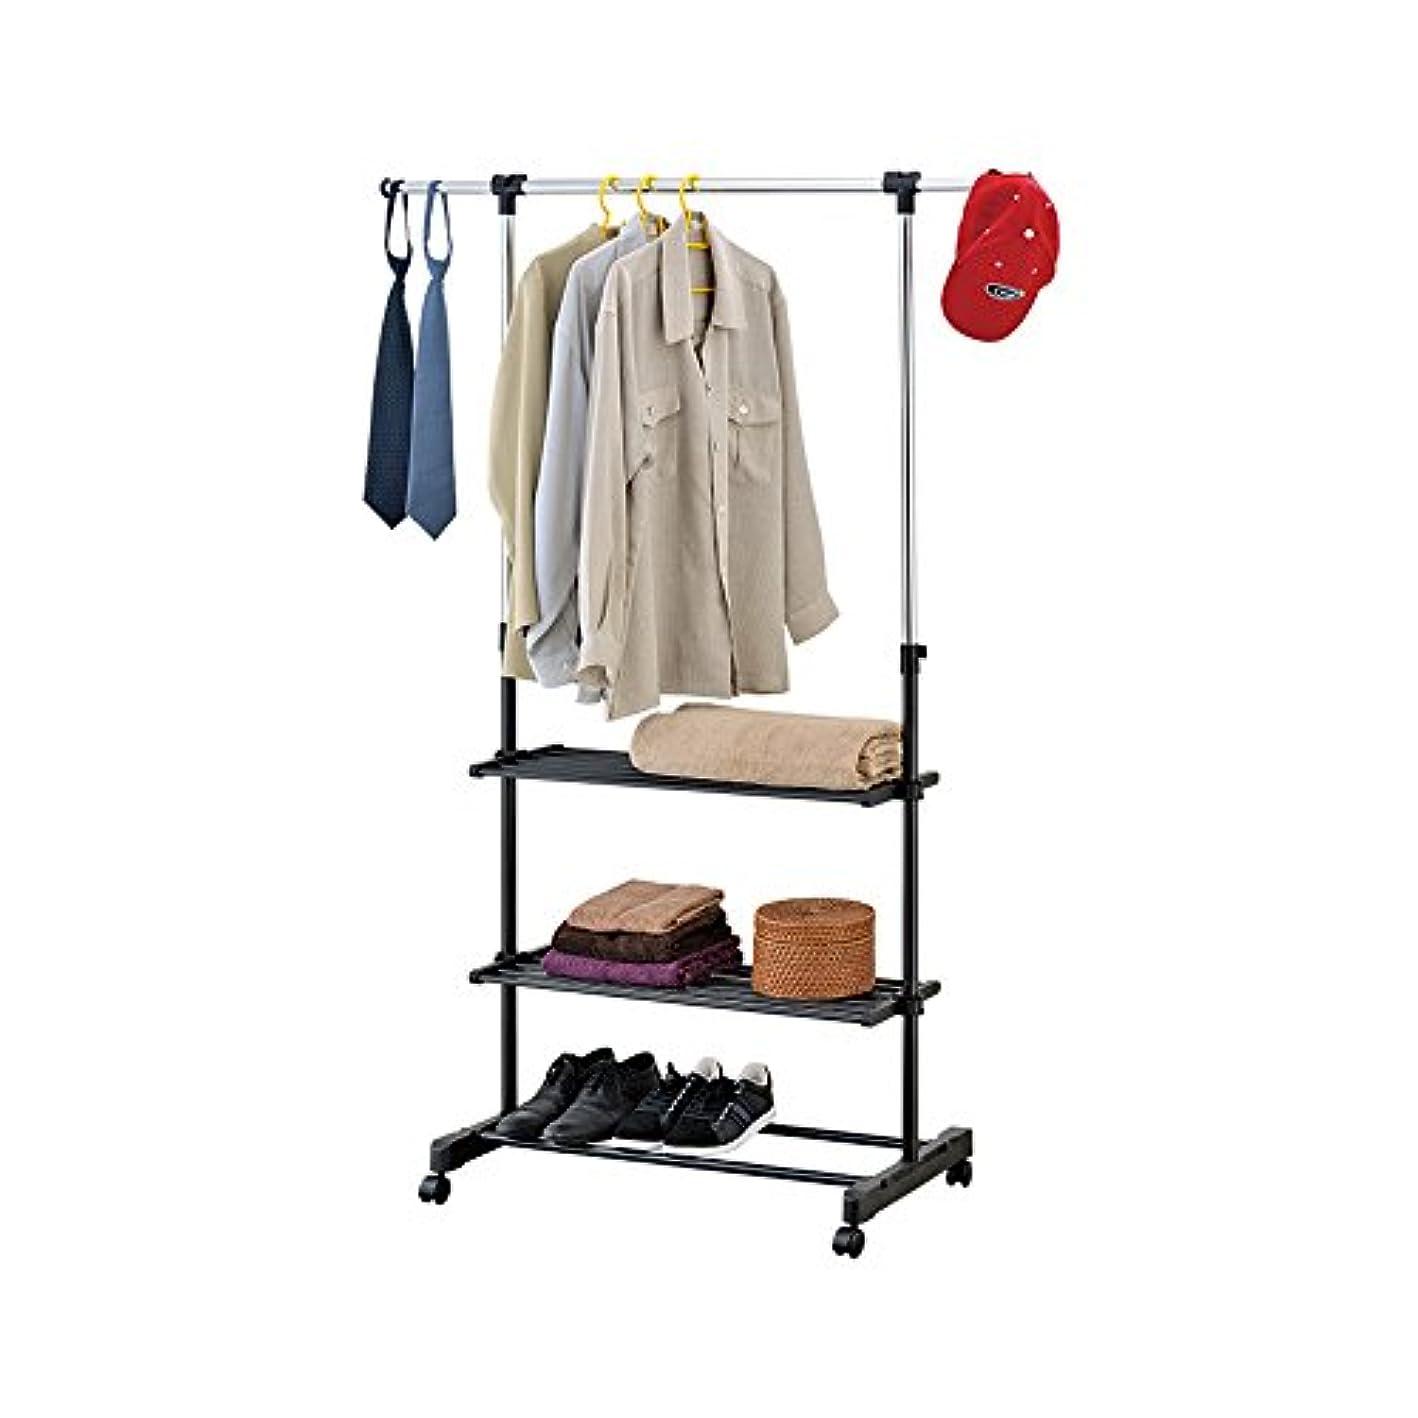 Mind Reader Rolling Garment Rack with 3 Shelves, Silver/Black